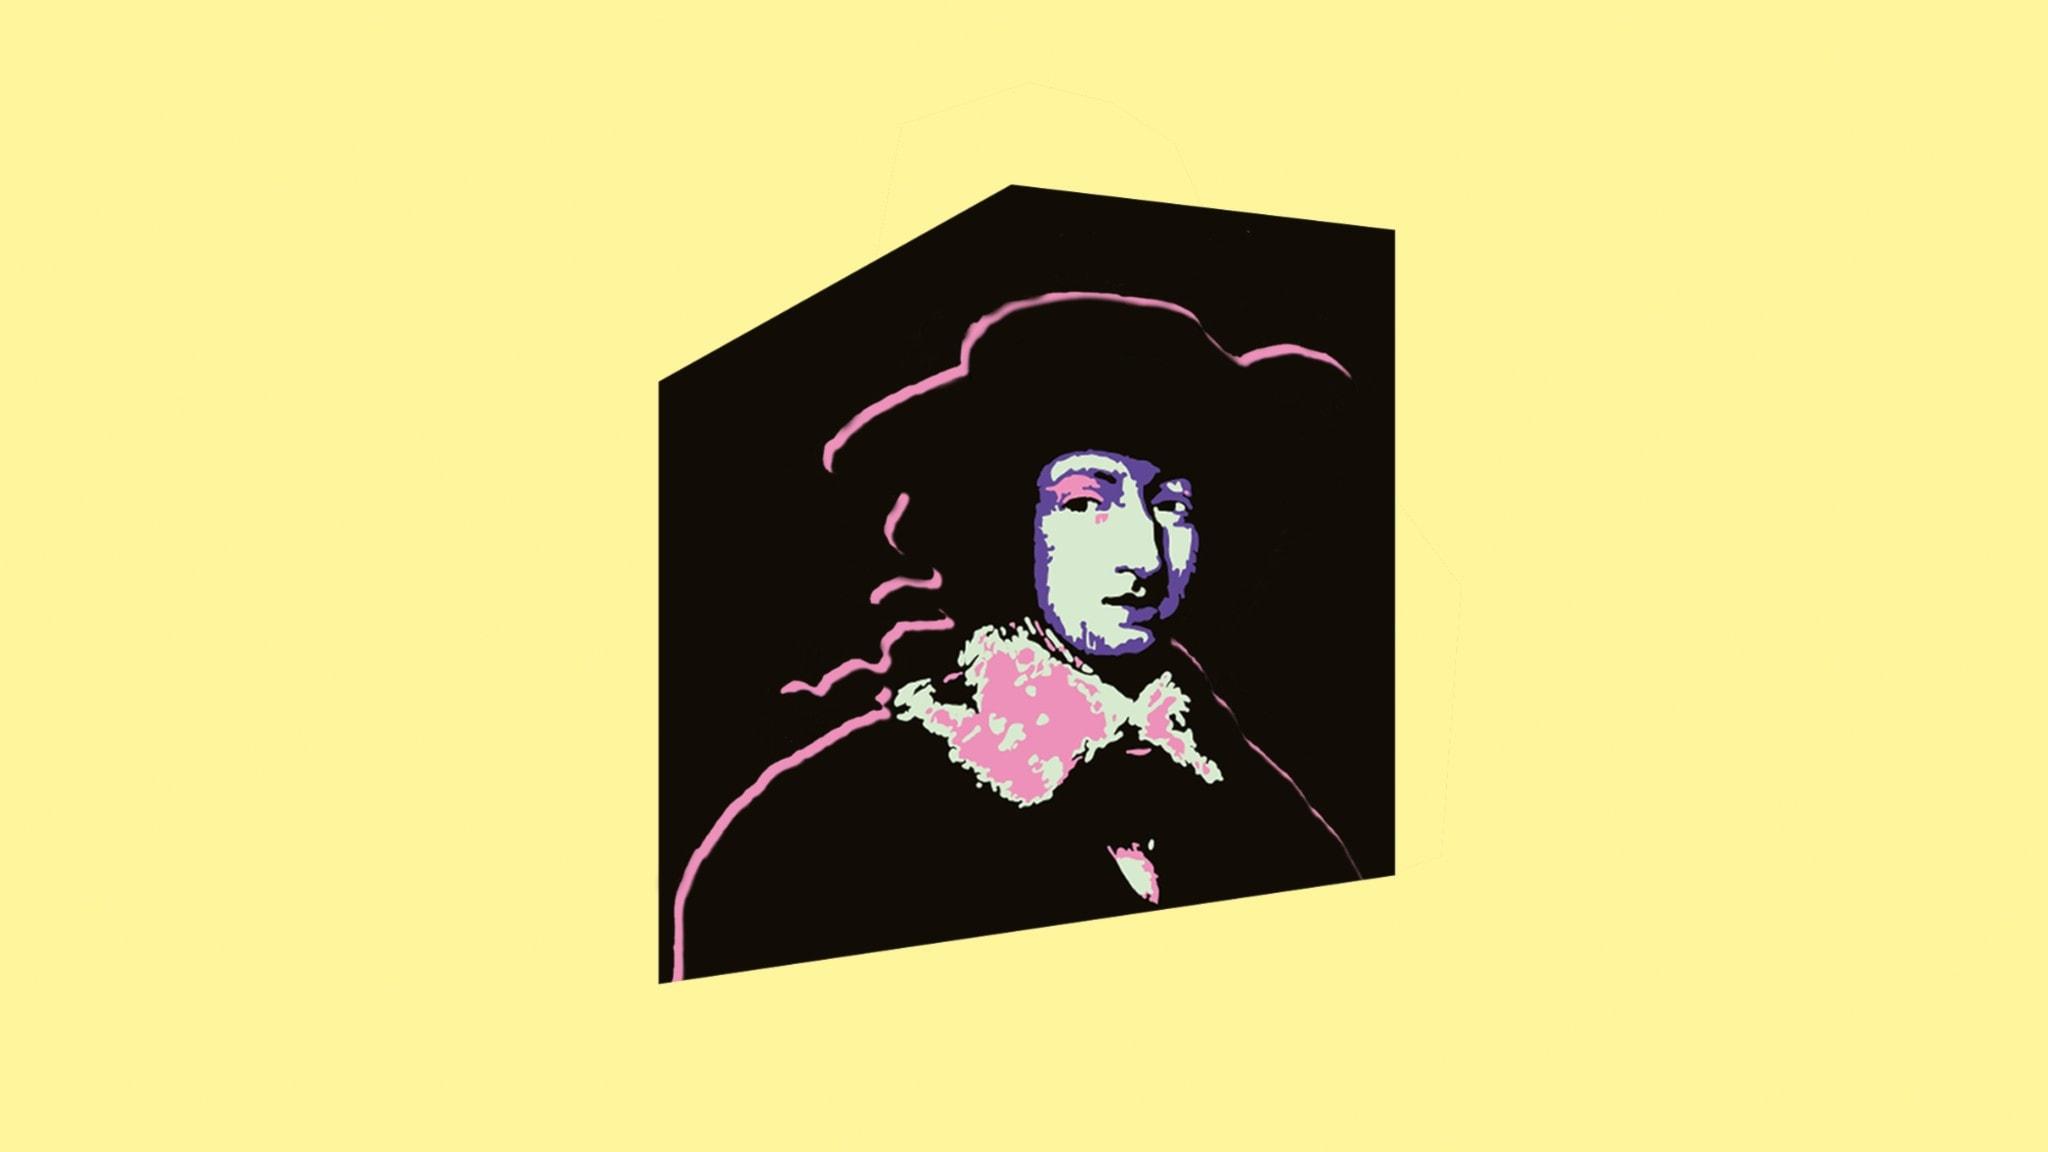 Karl XI – Från osäker yngling till envåldshärskare